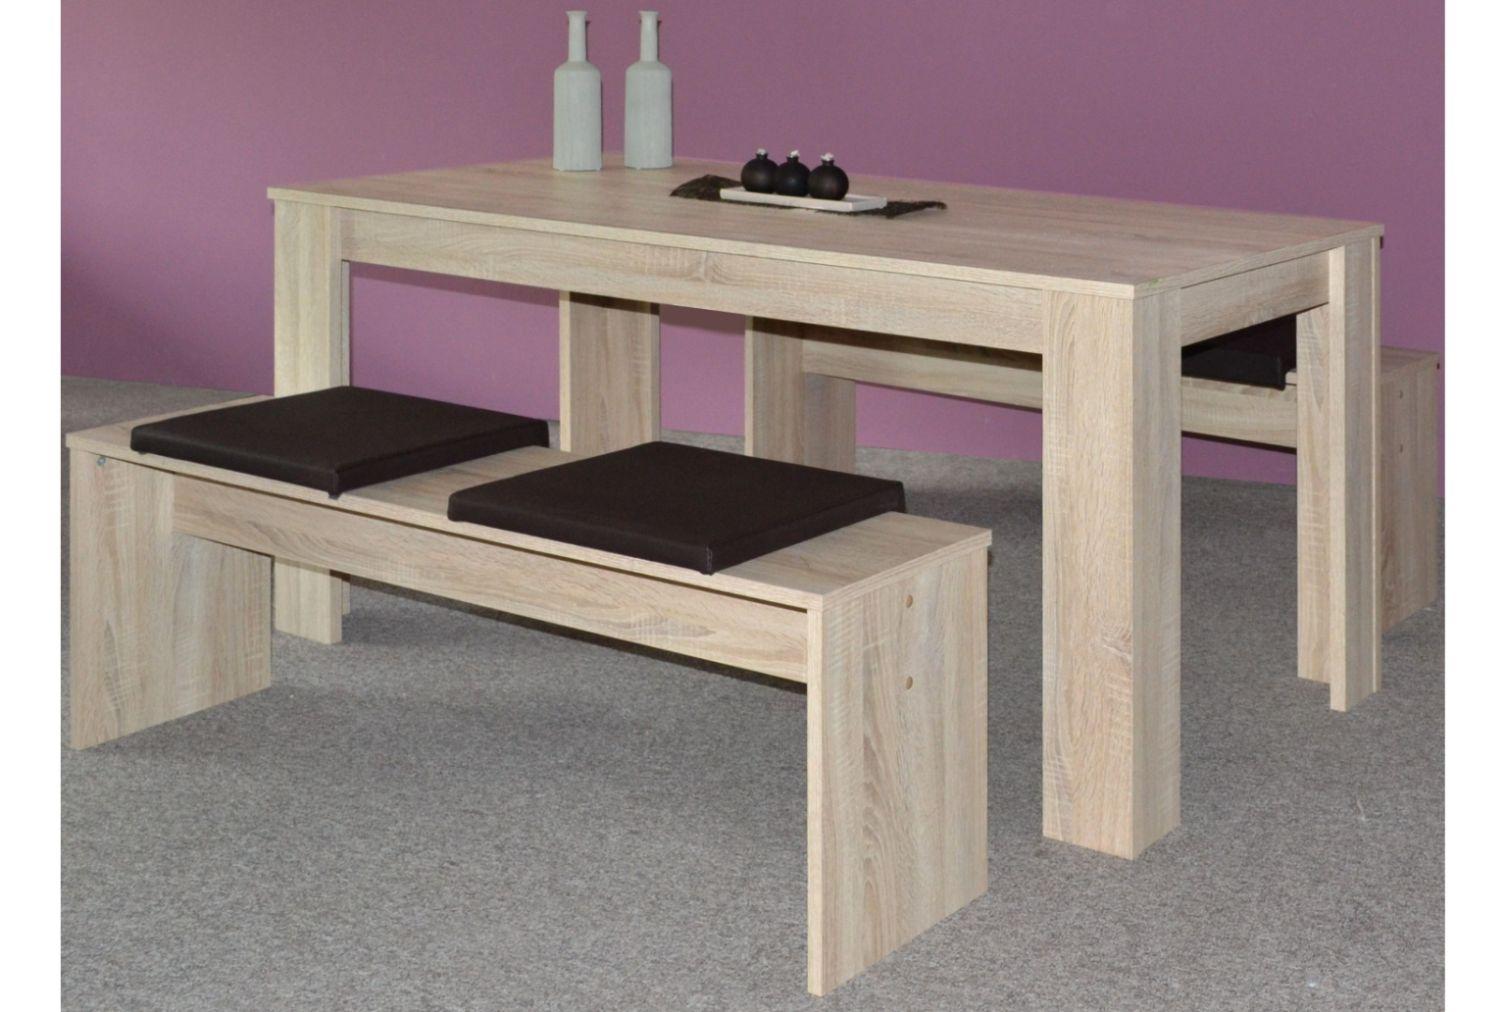 esstischgruppe esstisch tisch essecke essgruppe tisch mit st hlen sitzgruppe neu ebay. Black Bedroom Furniture Sets. Home Design Ideas